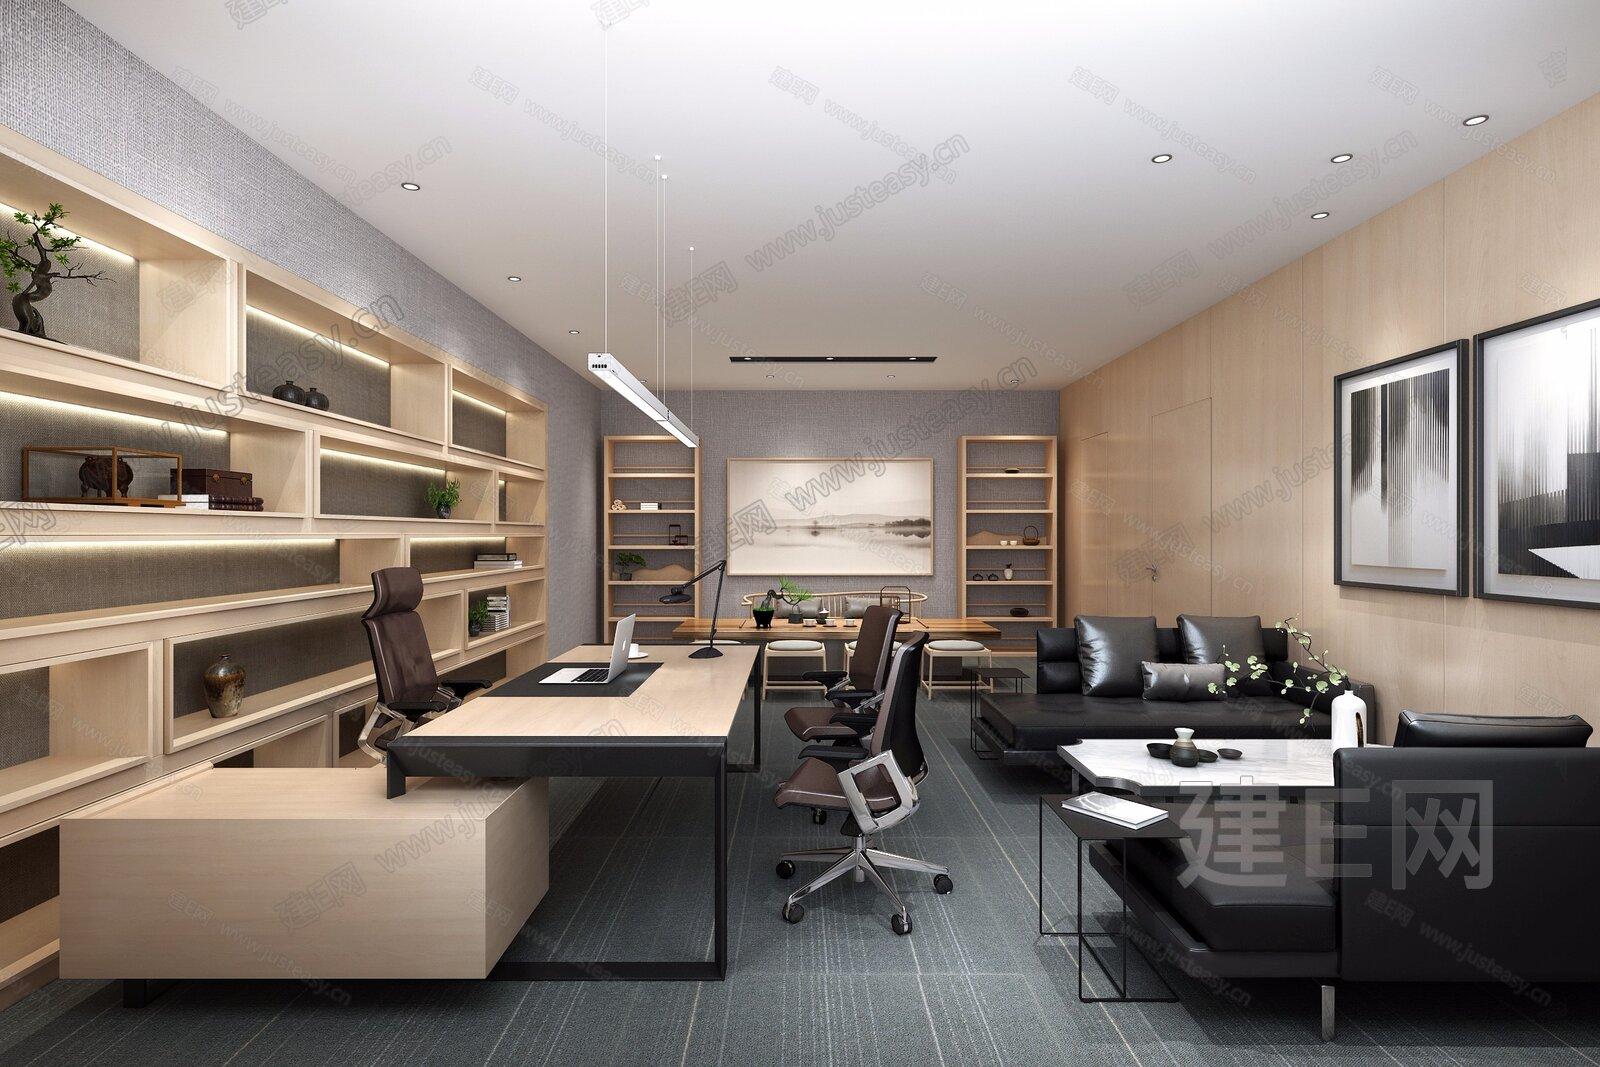 现代总经理办公室休息区[模型id:221553]